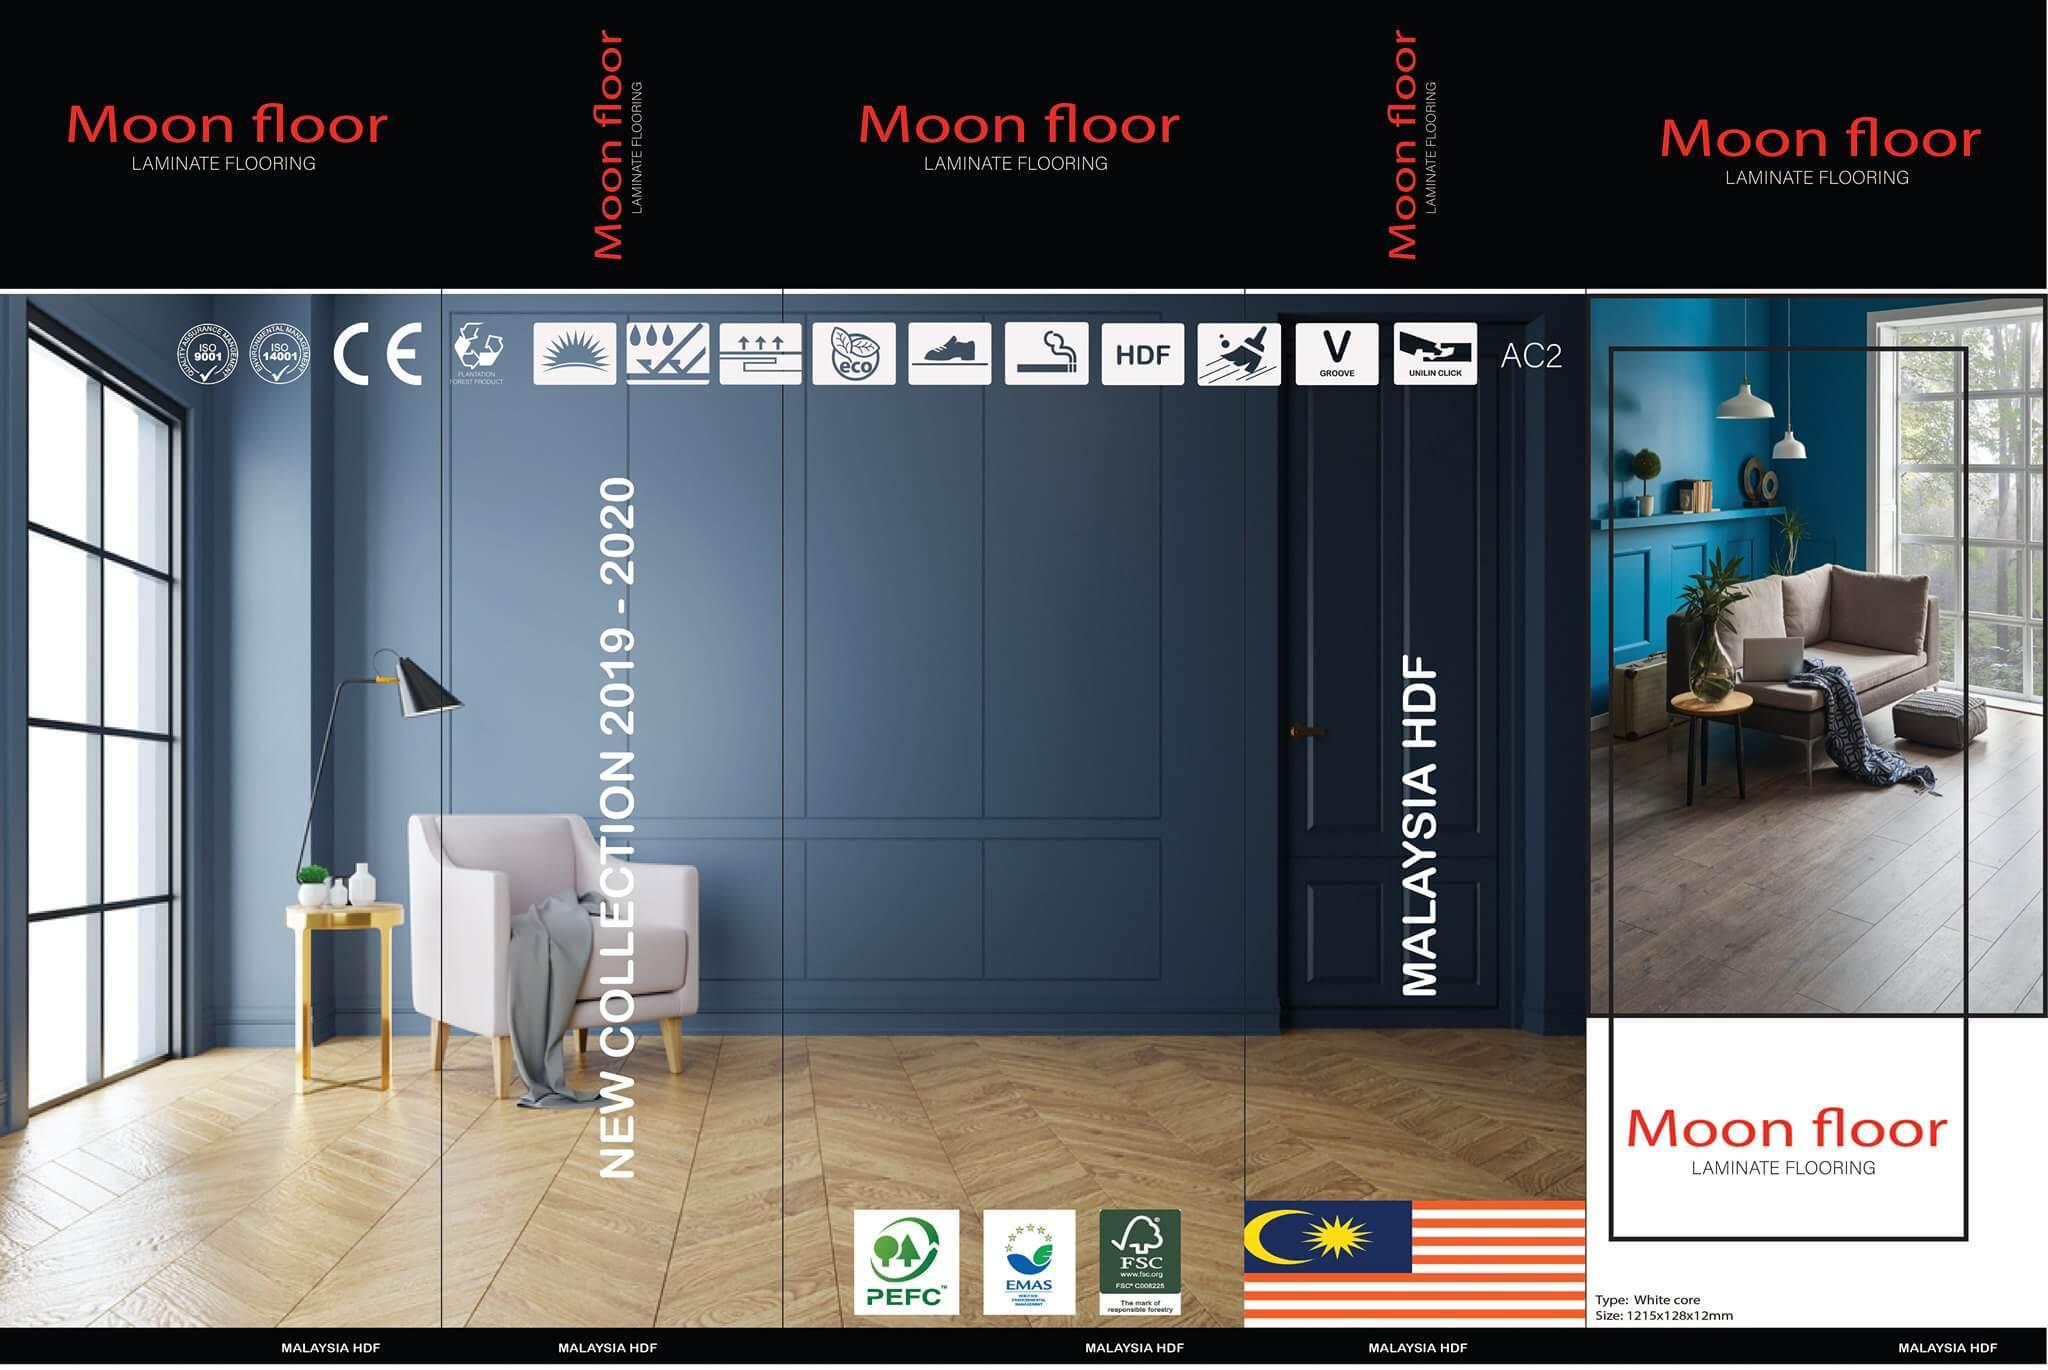 sàn gỗ Moon floor